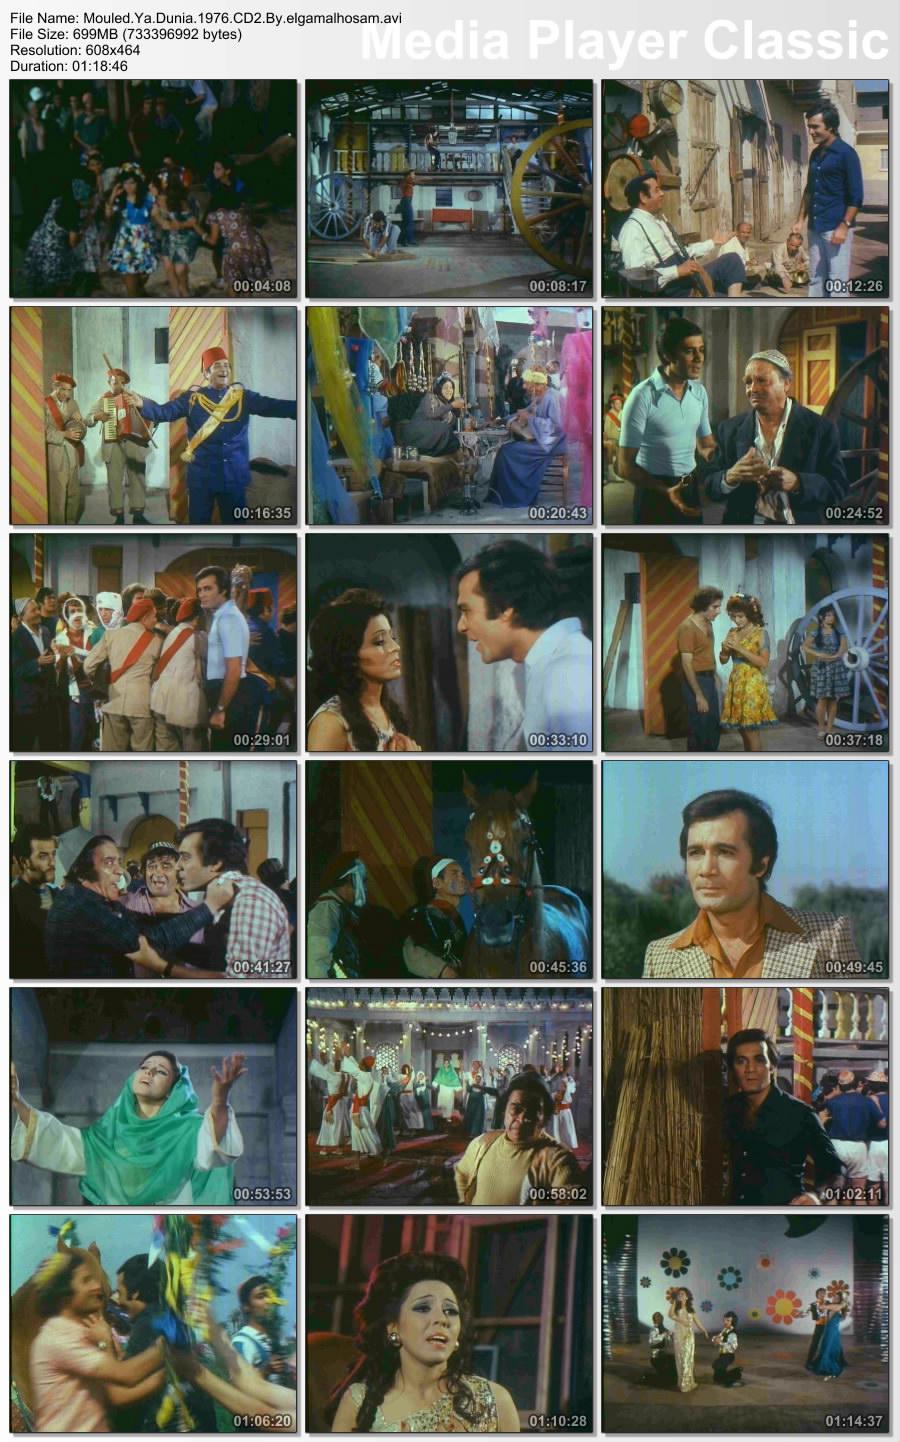 فيلم مولد يادنيا 1976 محمود 03wwc0yid7yn8kh77wpg.jpg